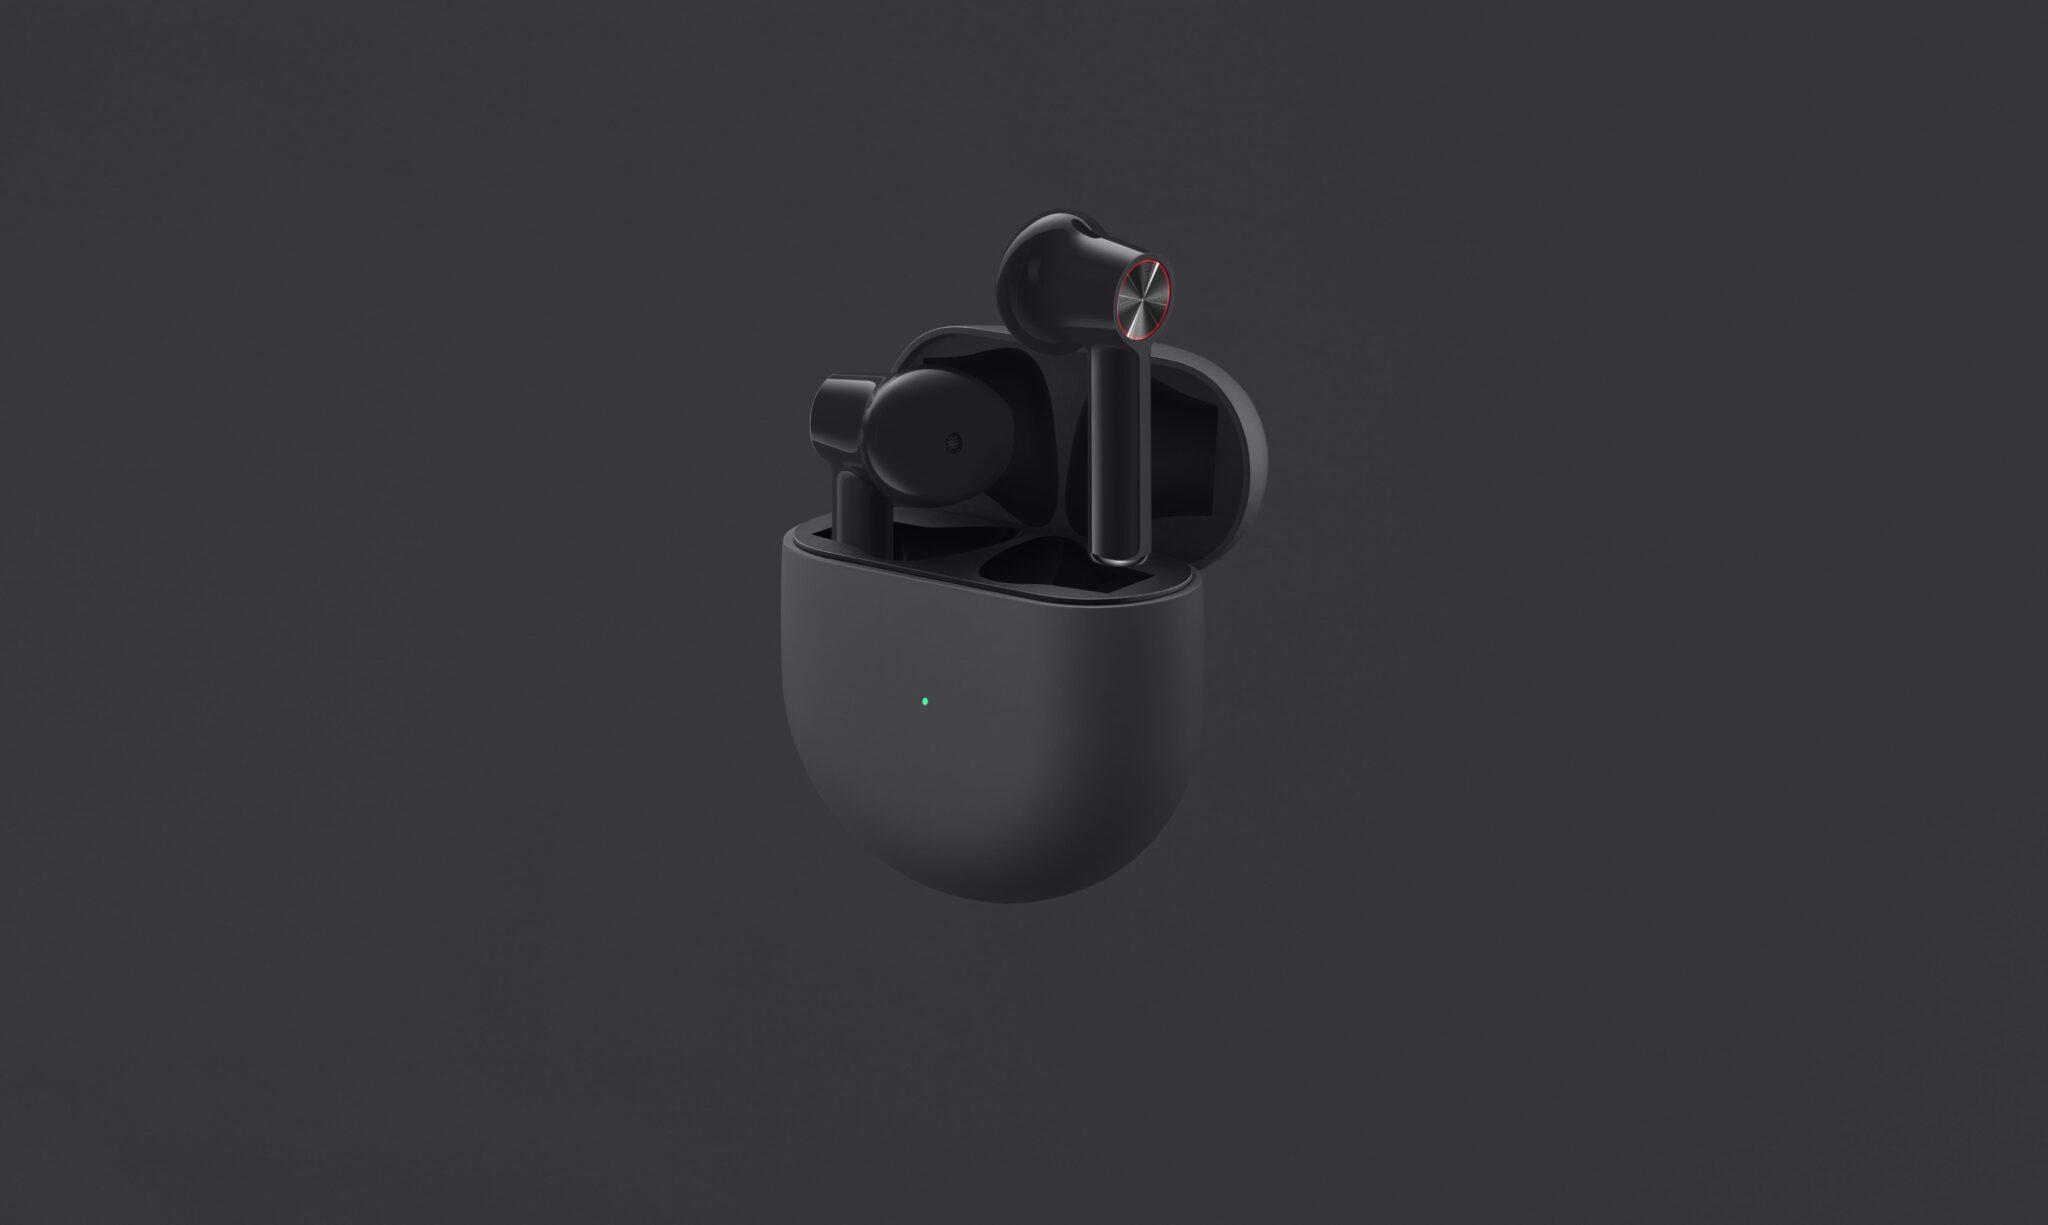 oneplus-buds-auriculares-inalambricos-tws-negro